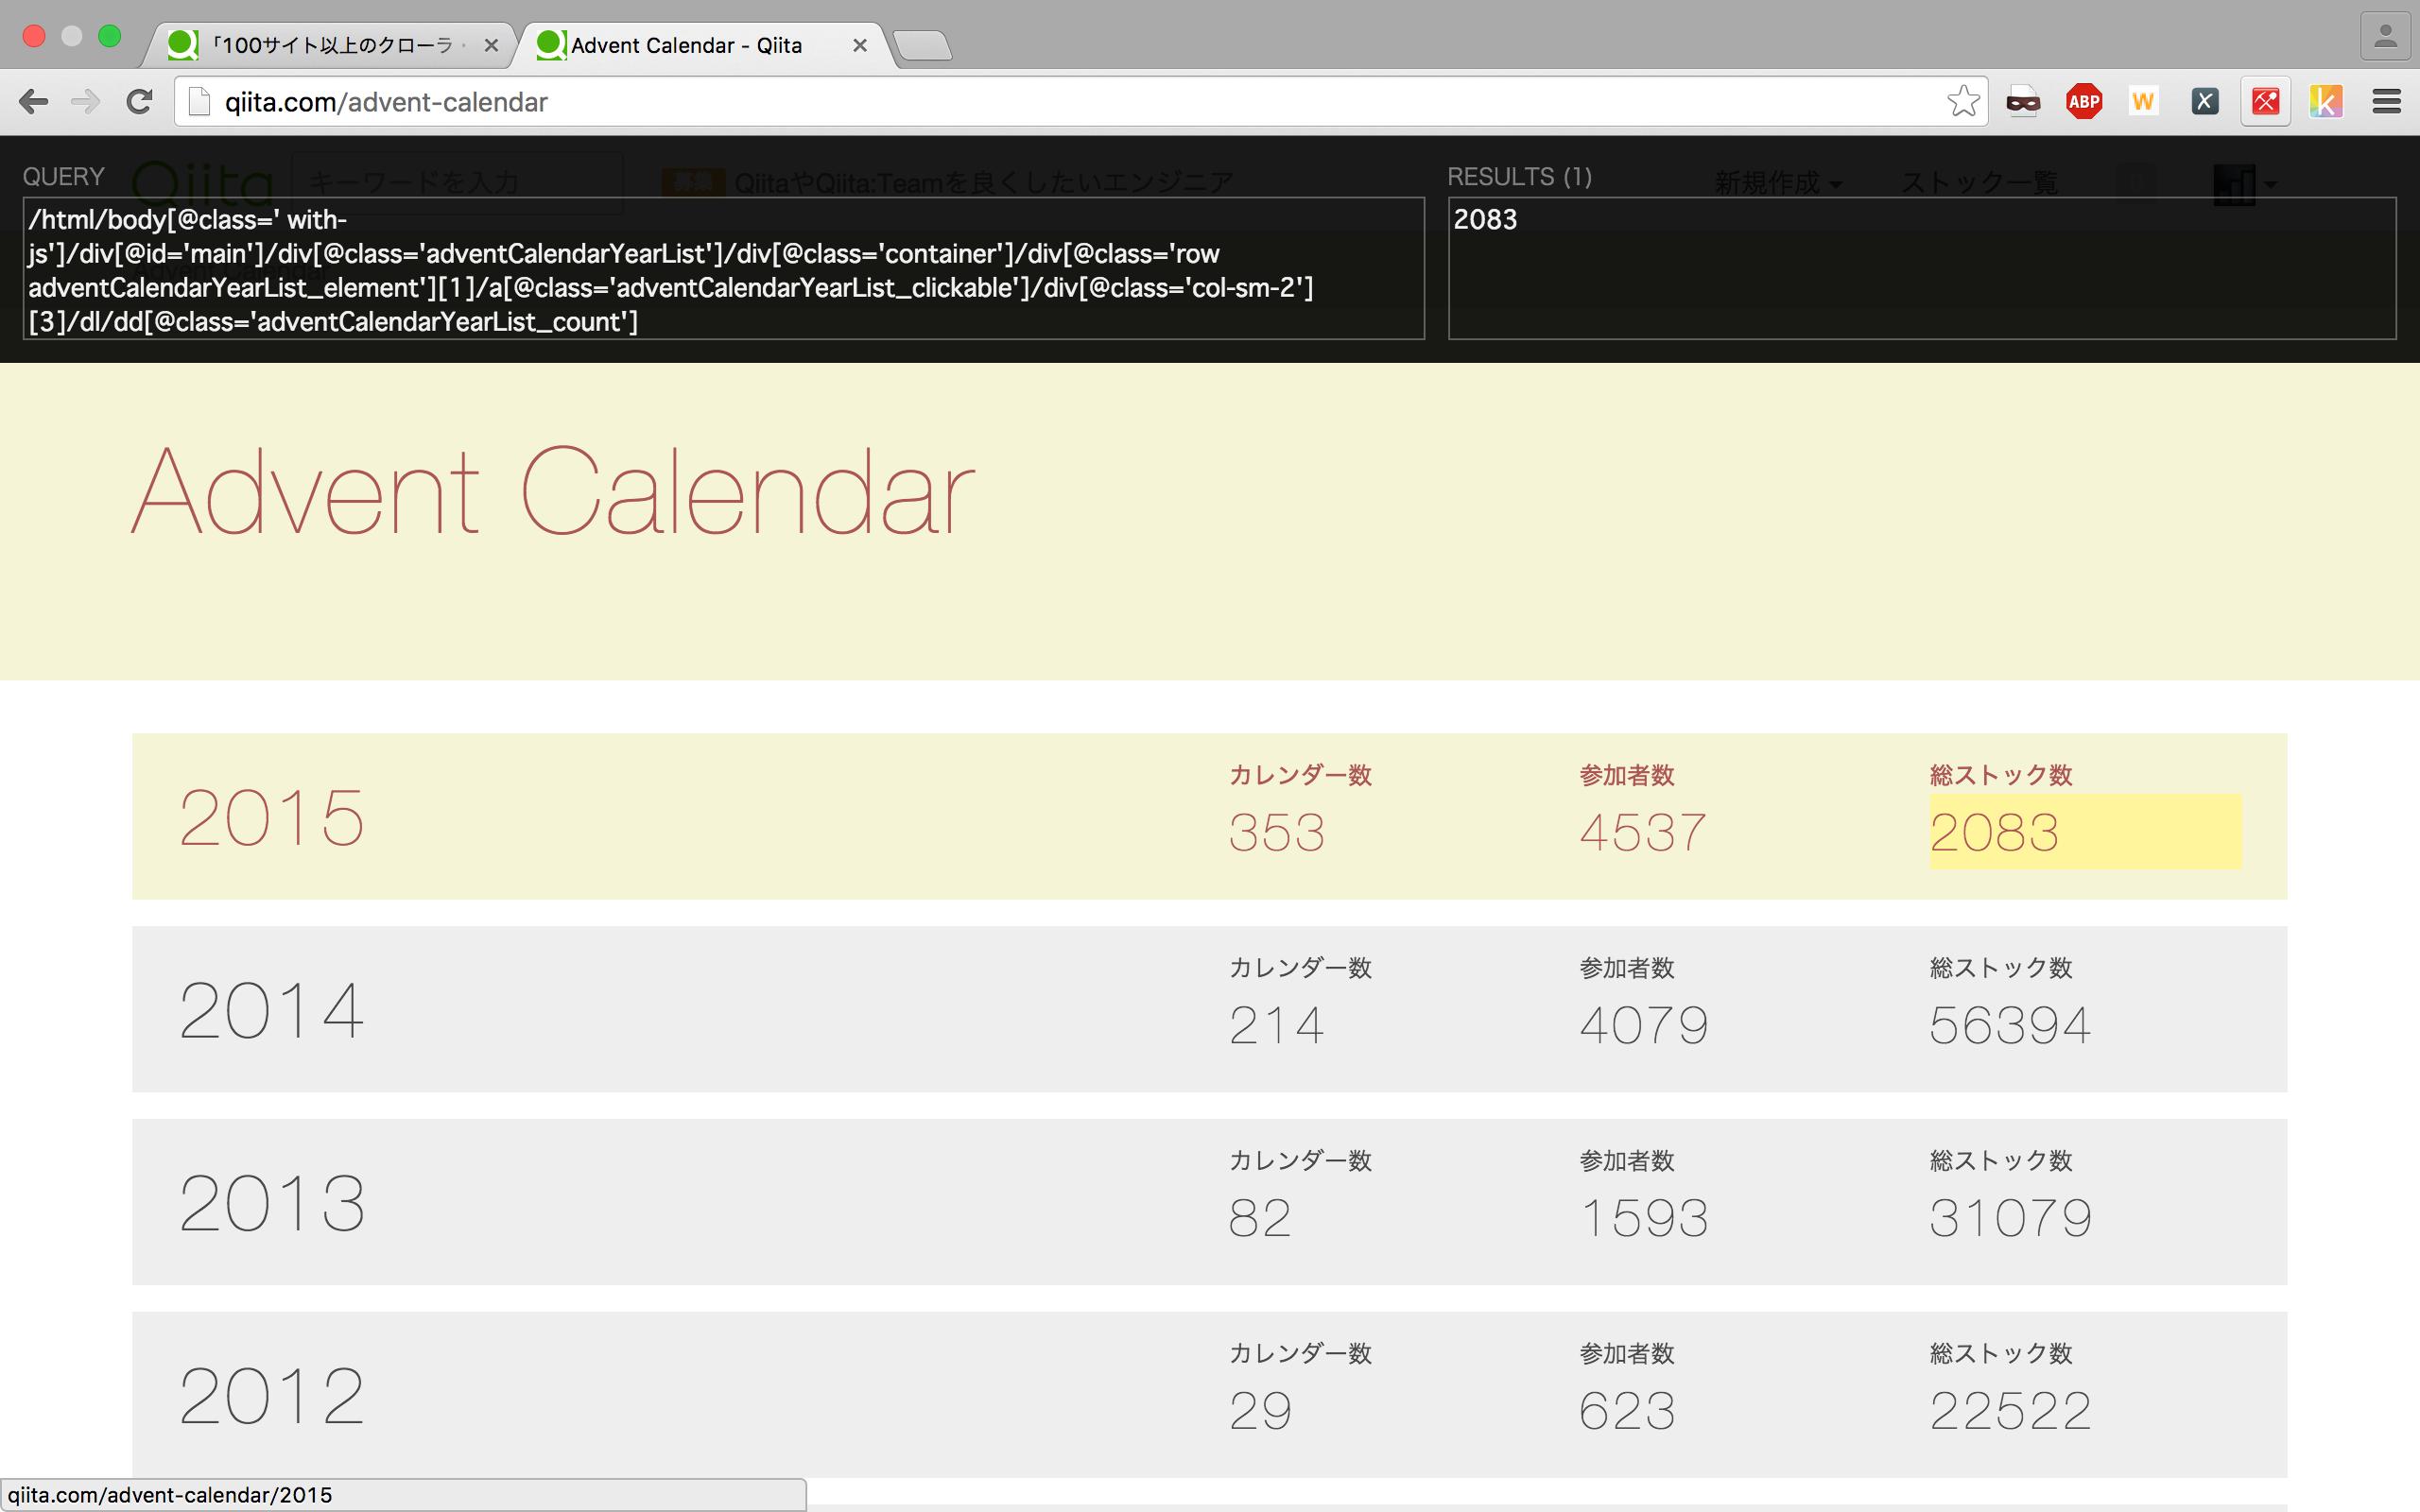 XPath Helperを使い2015年の総ストック数を取得するXPathを取得する